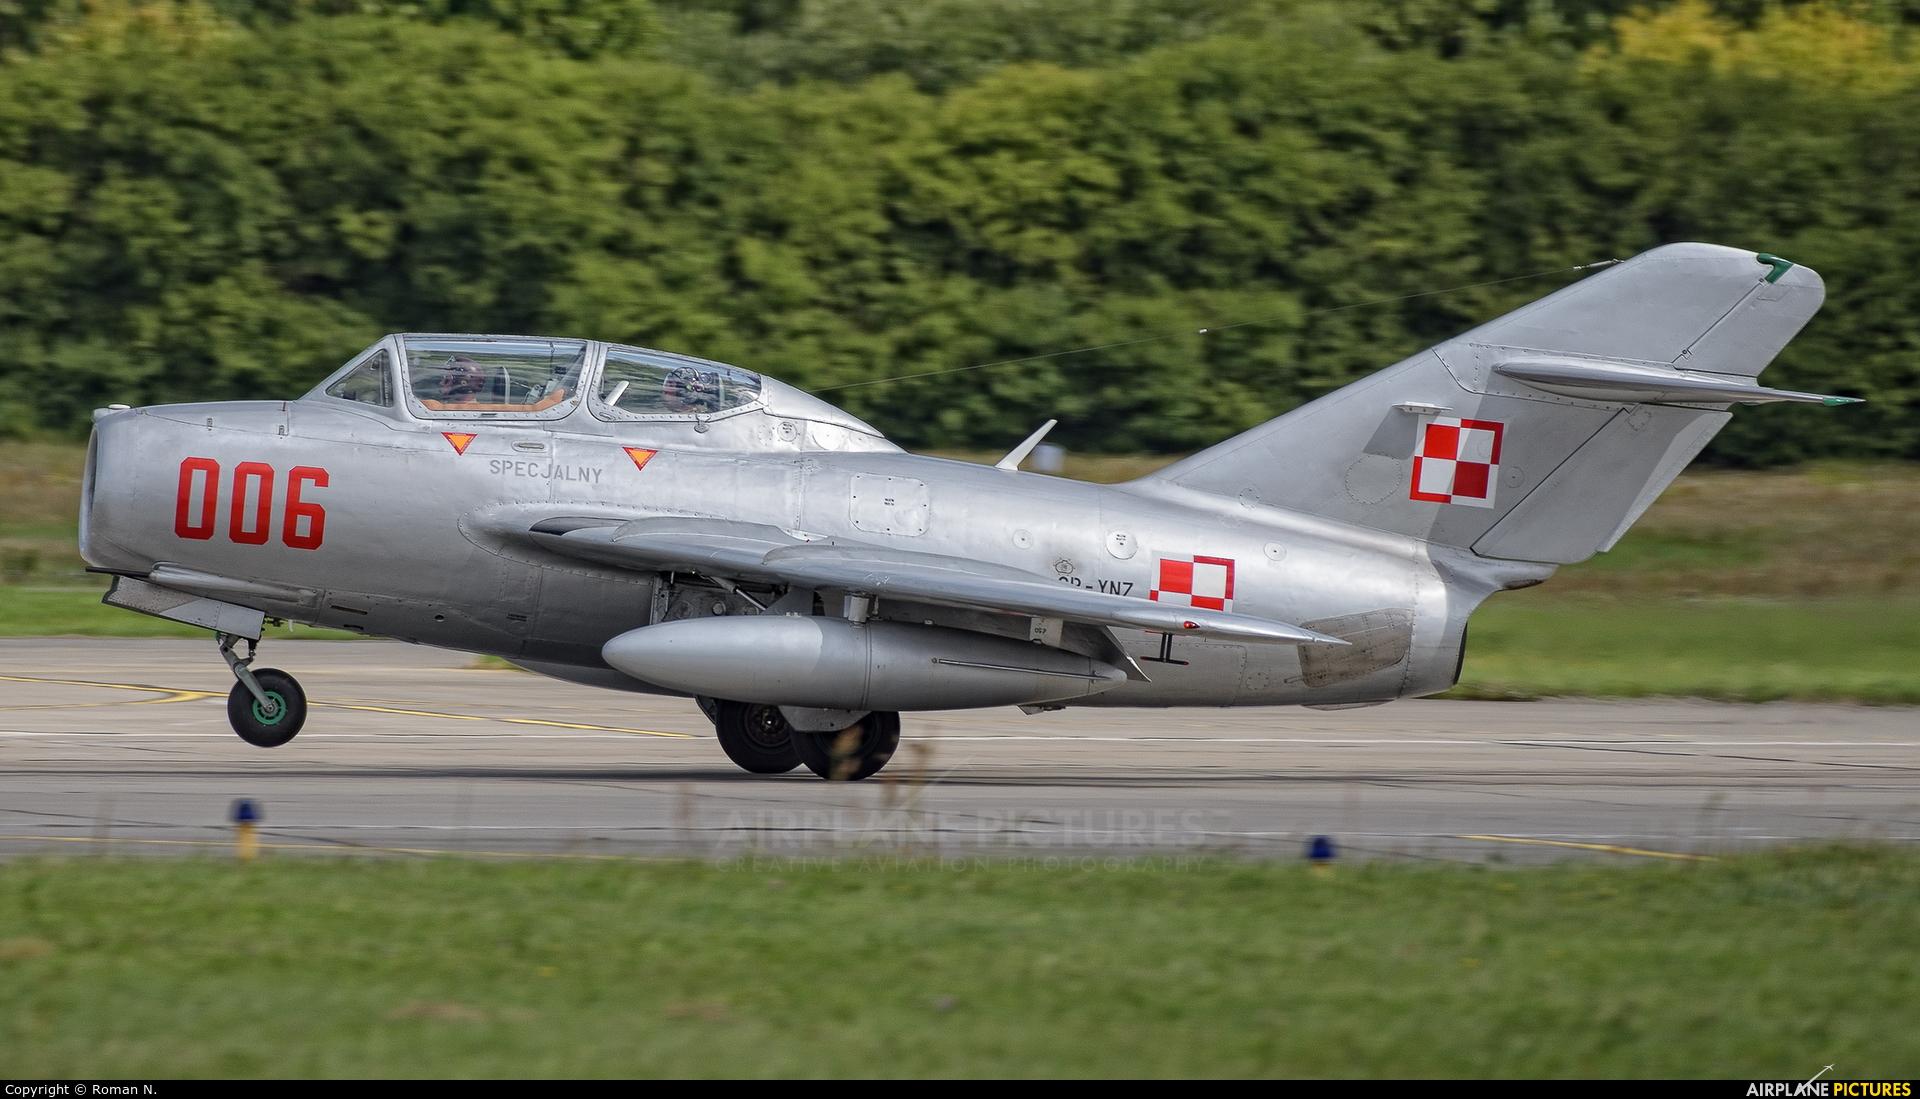 Polish Eagles Foundation SP-YNZ aircraft at Gdynia- Babie Doły (Oksywie)